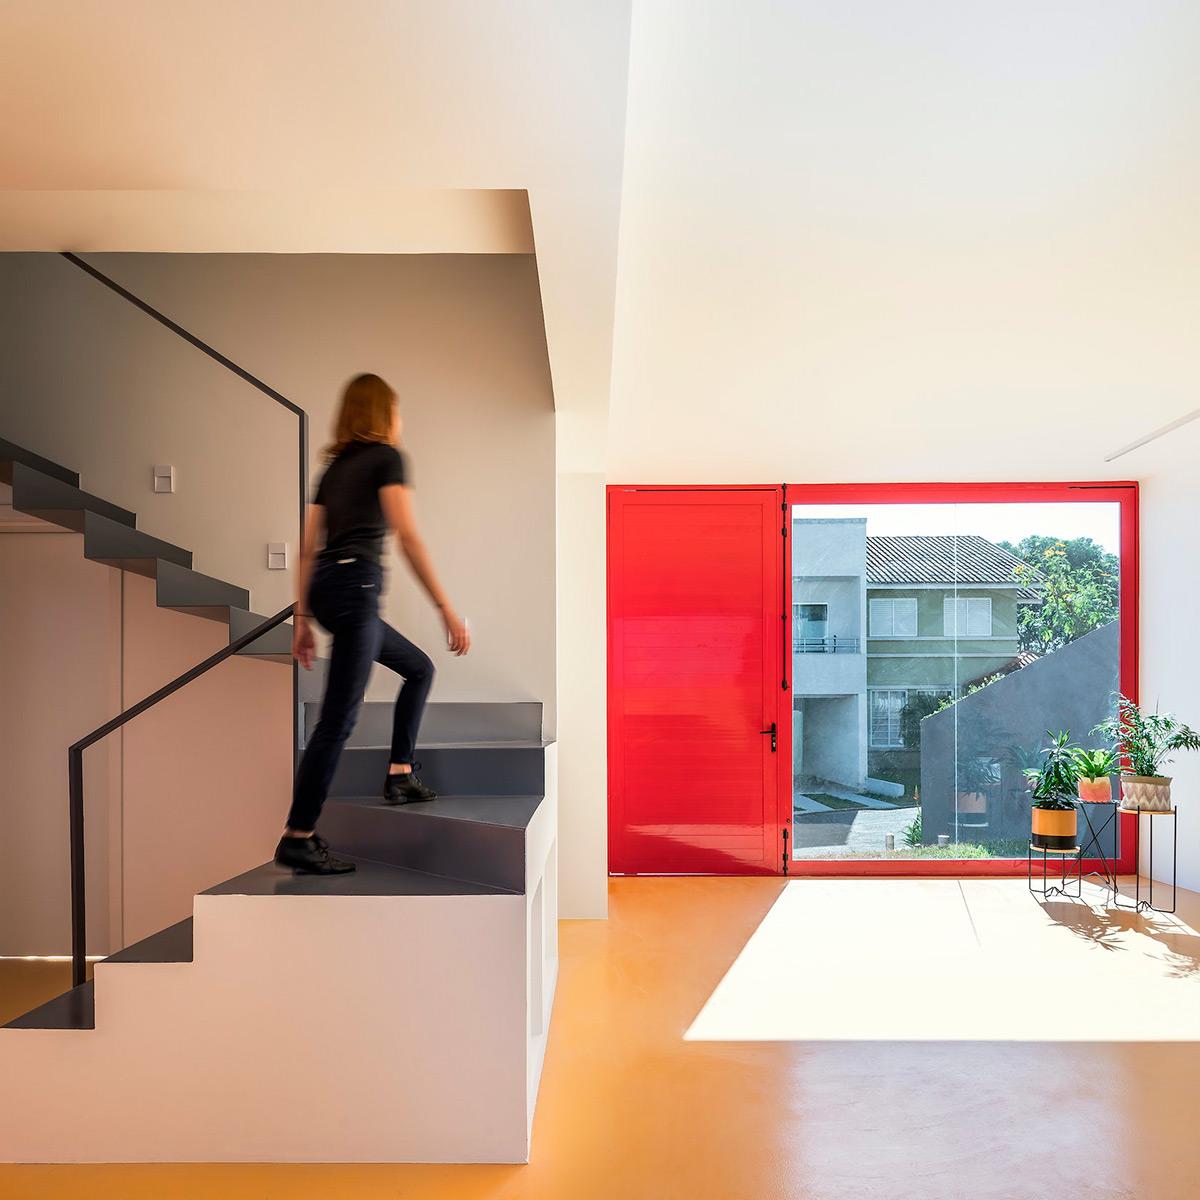 Casa-Guara-Nommo-Arquitetos-Eduardo-Macarios-02